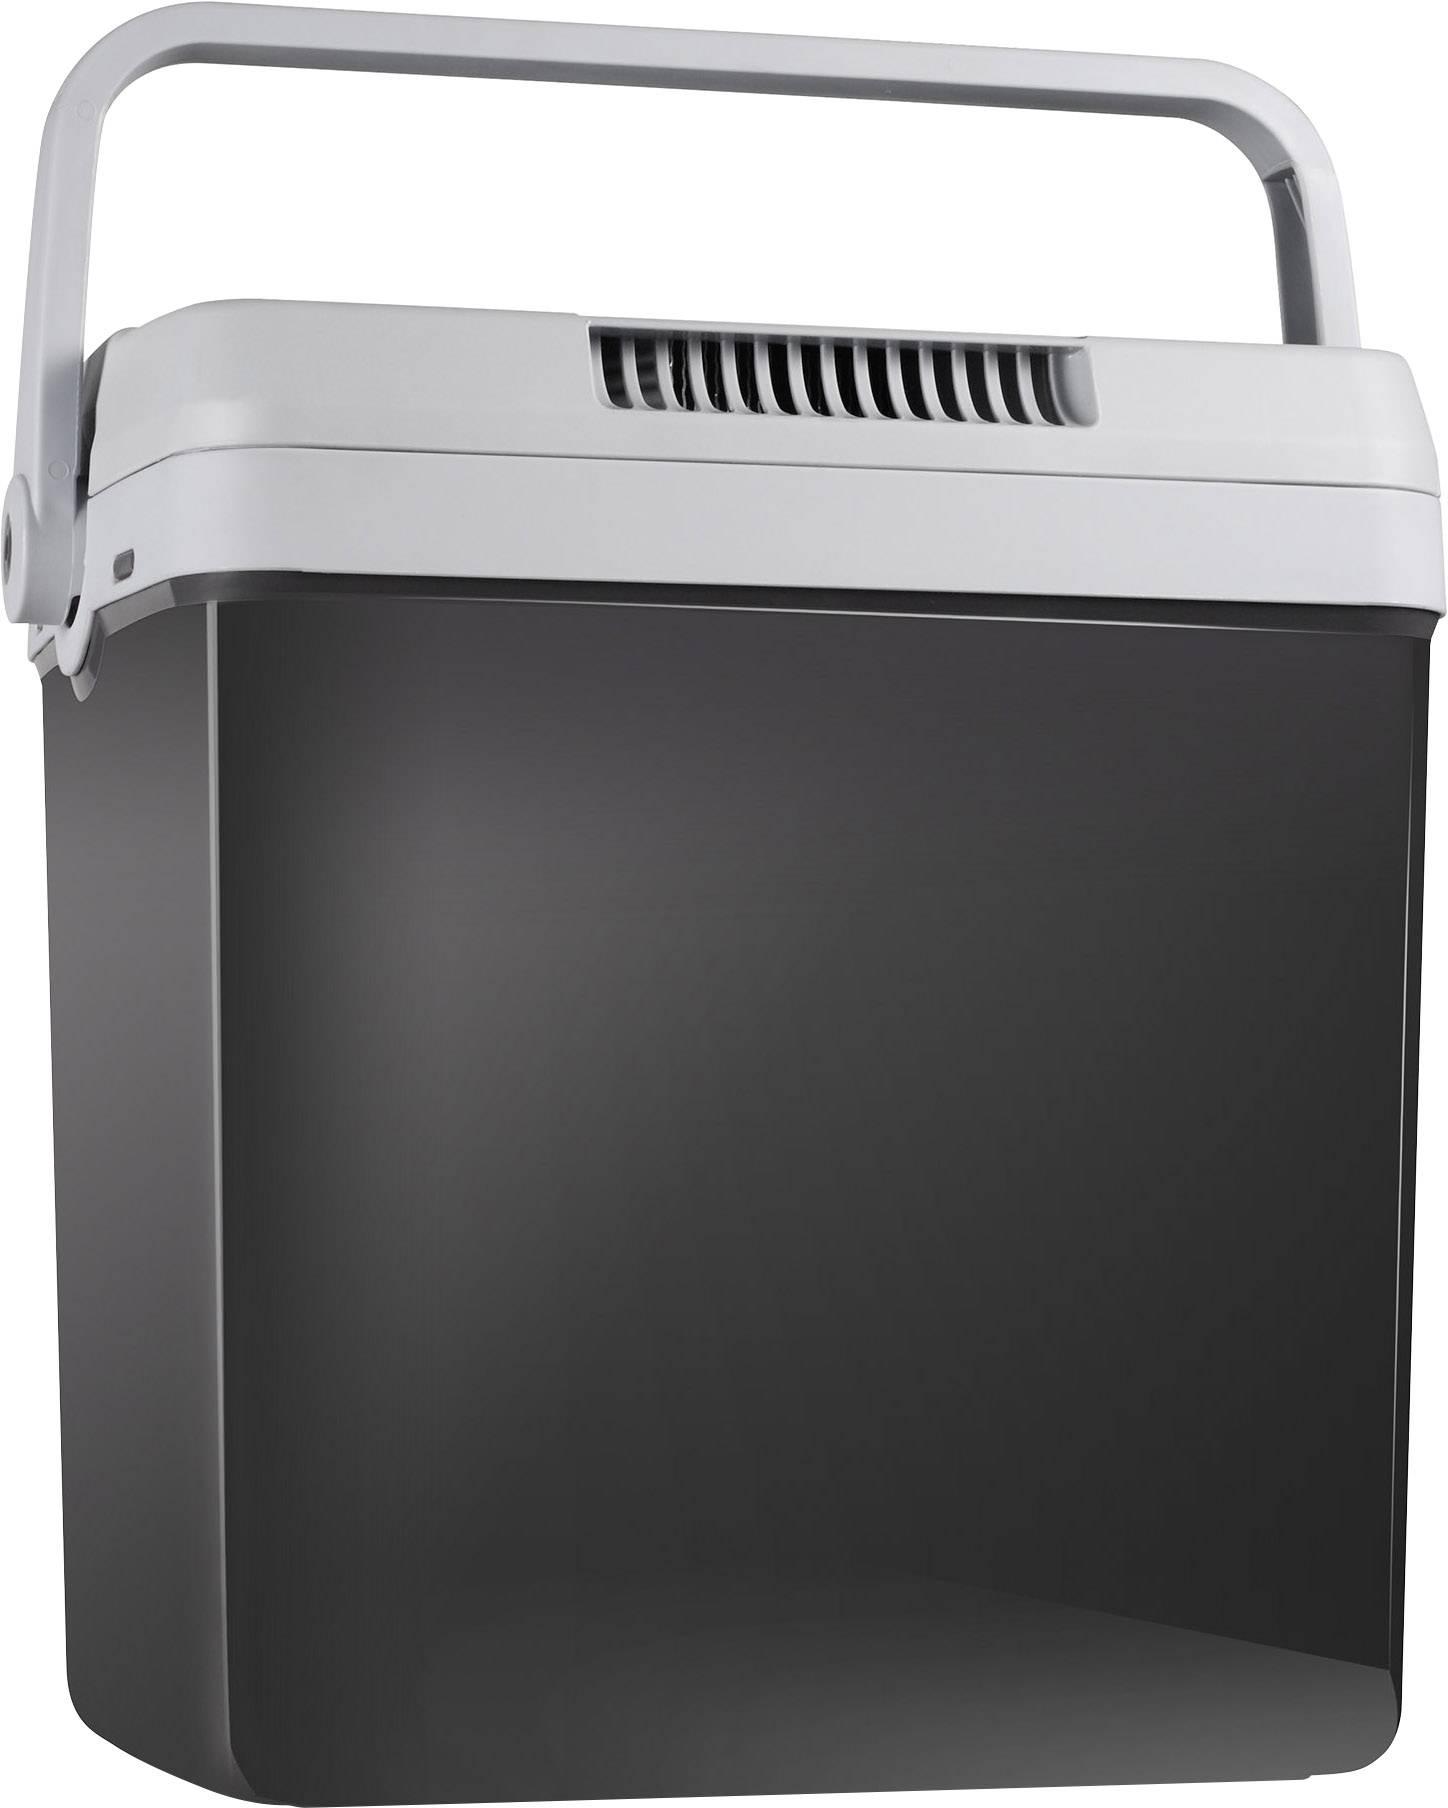 Prenosná chladnička (autochladnička) Tristar KB-7532, 12 V, 230 V, 30 l, sivá